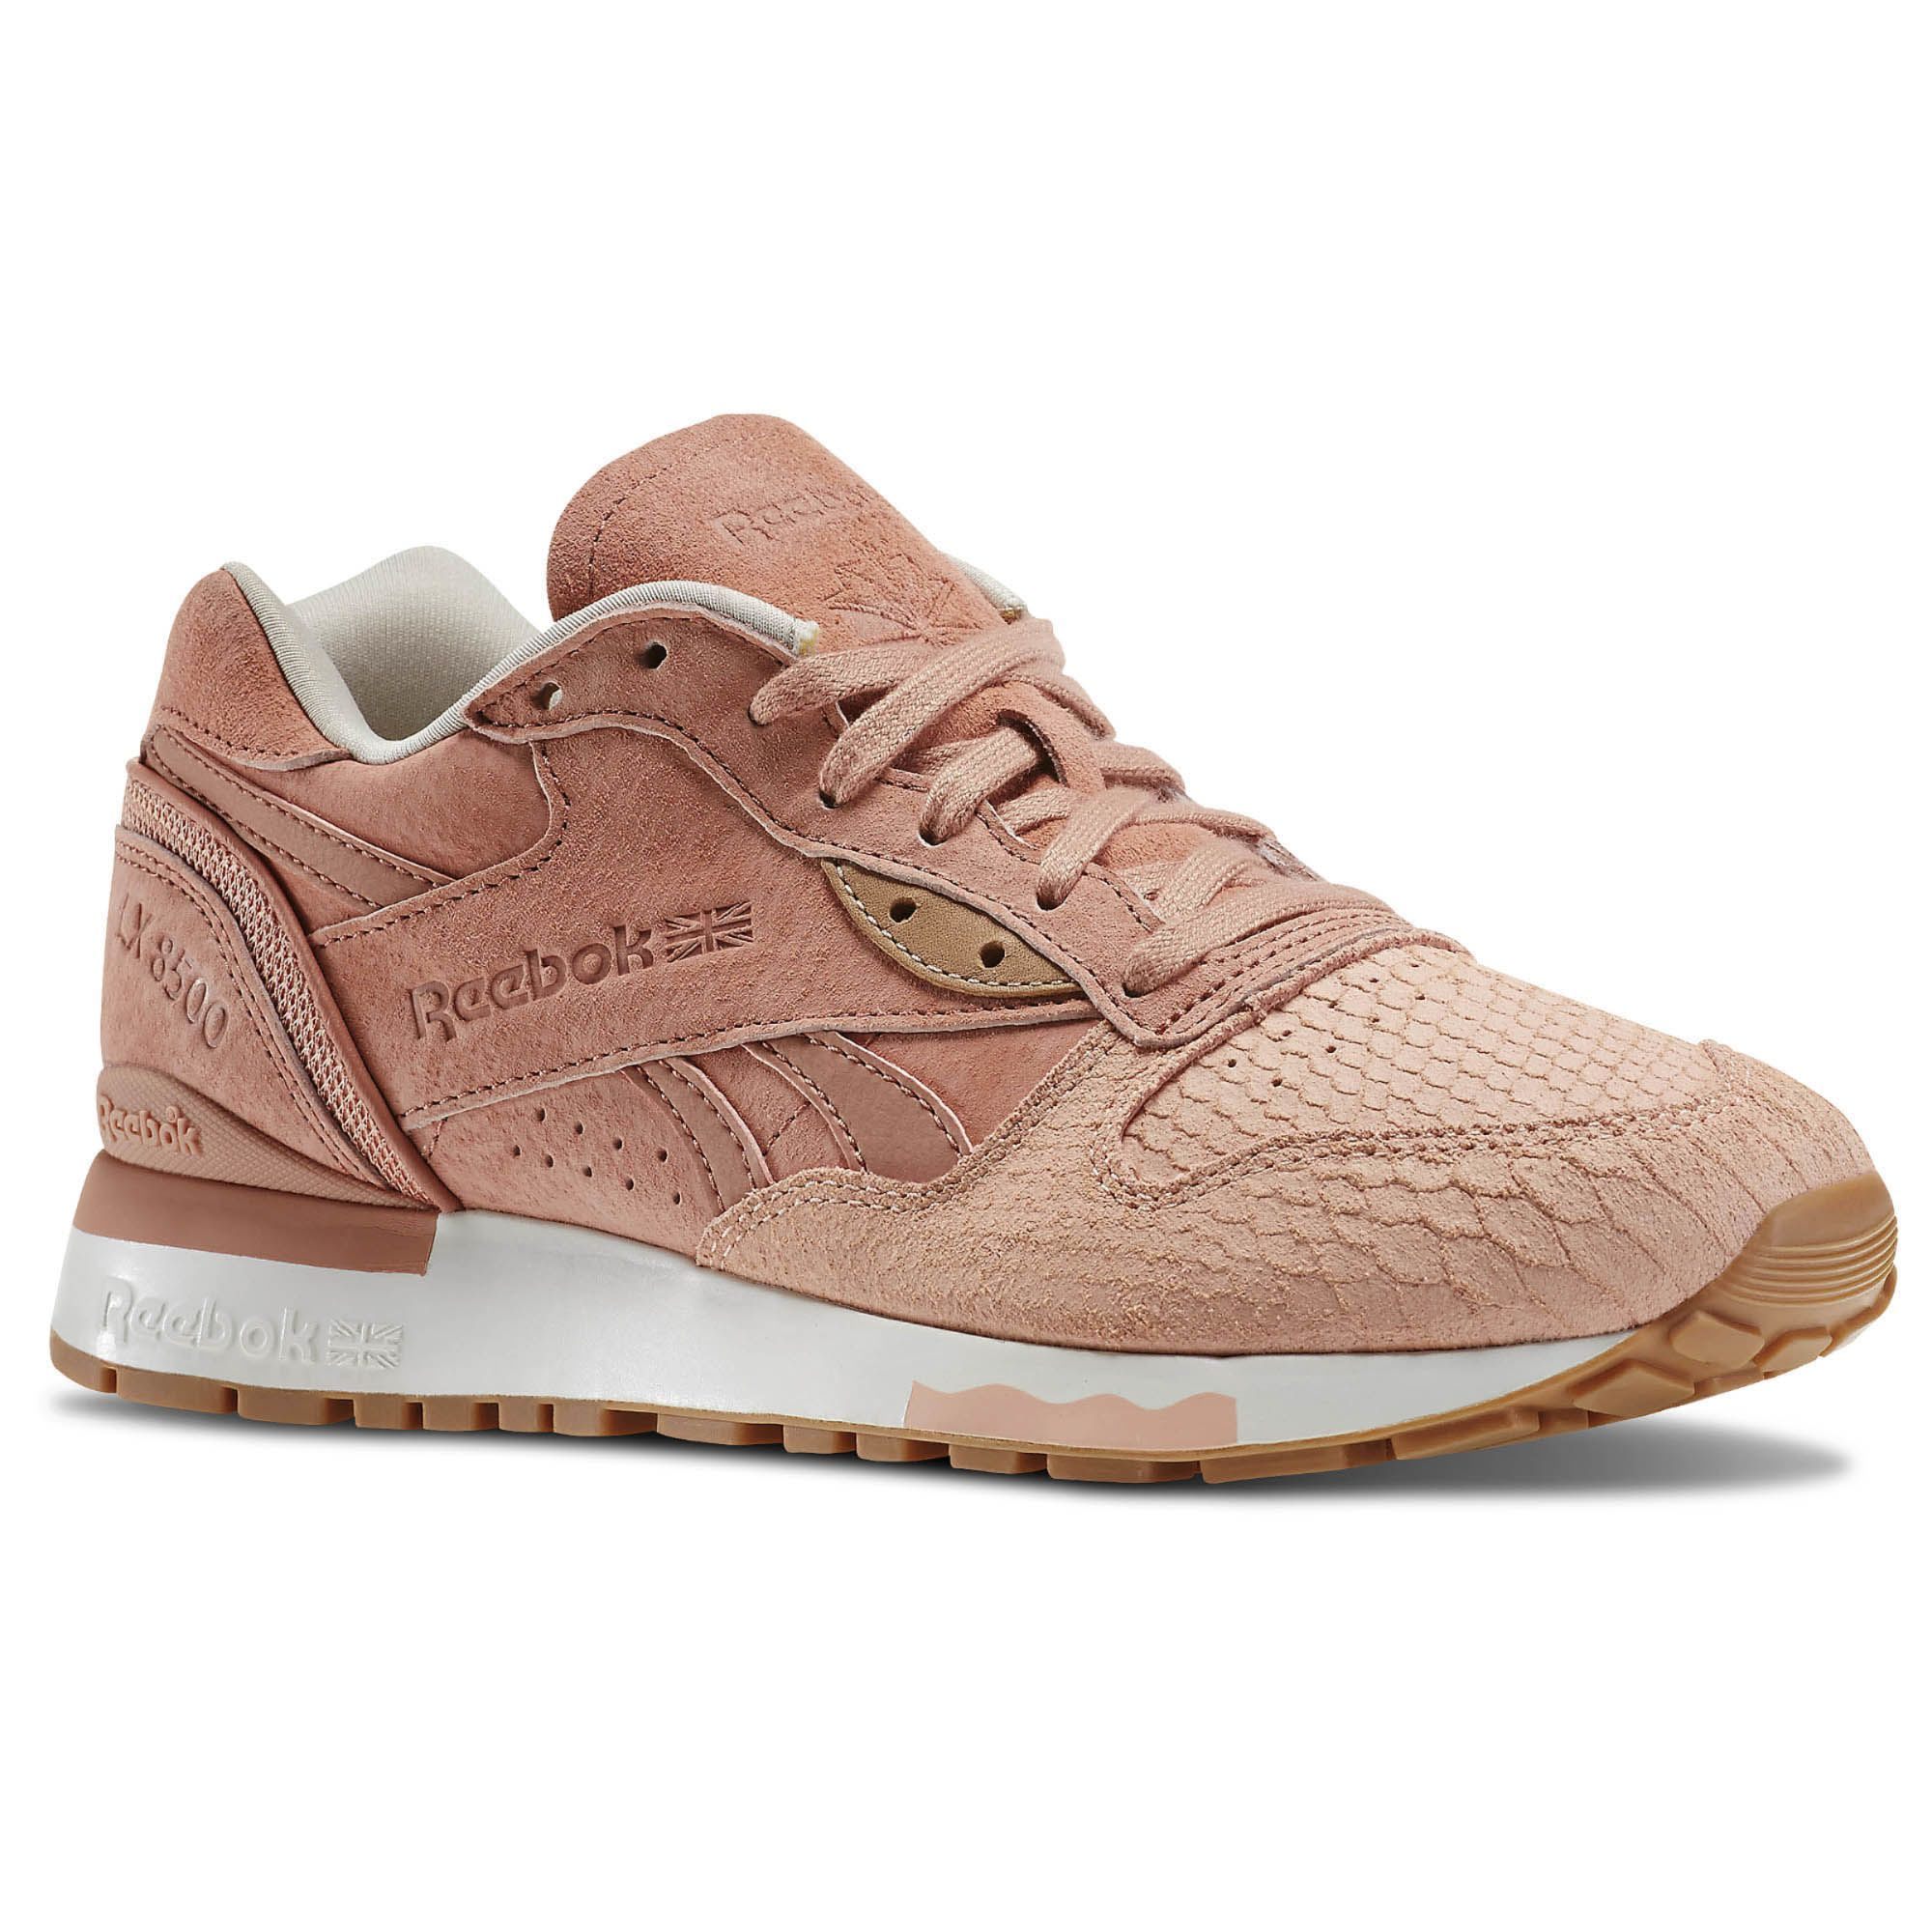 Παπούτσια Pinterest Lx Reebok Et Exotics Shoes 8500 R41qfr wNnOym8P0v